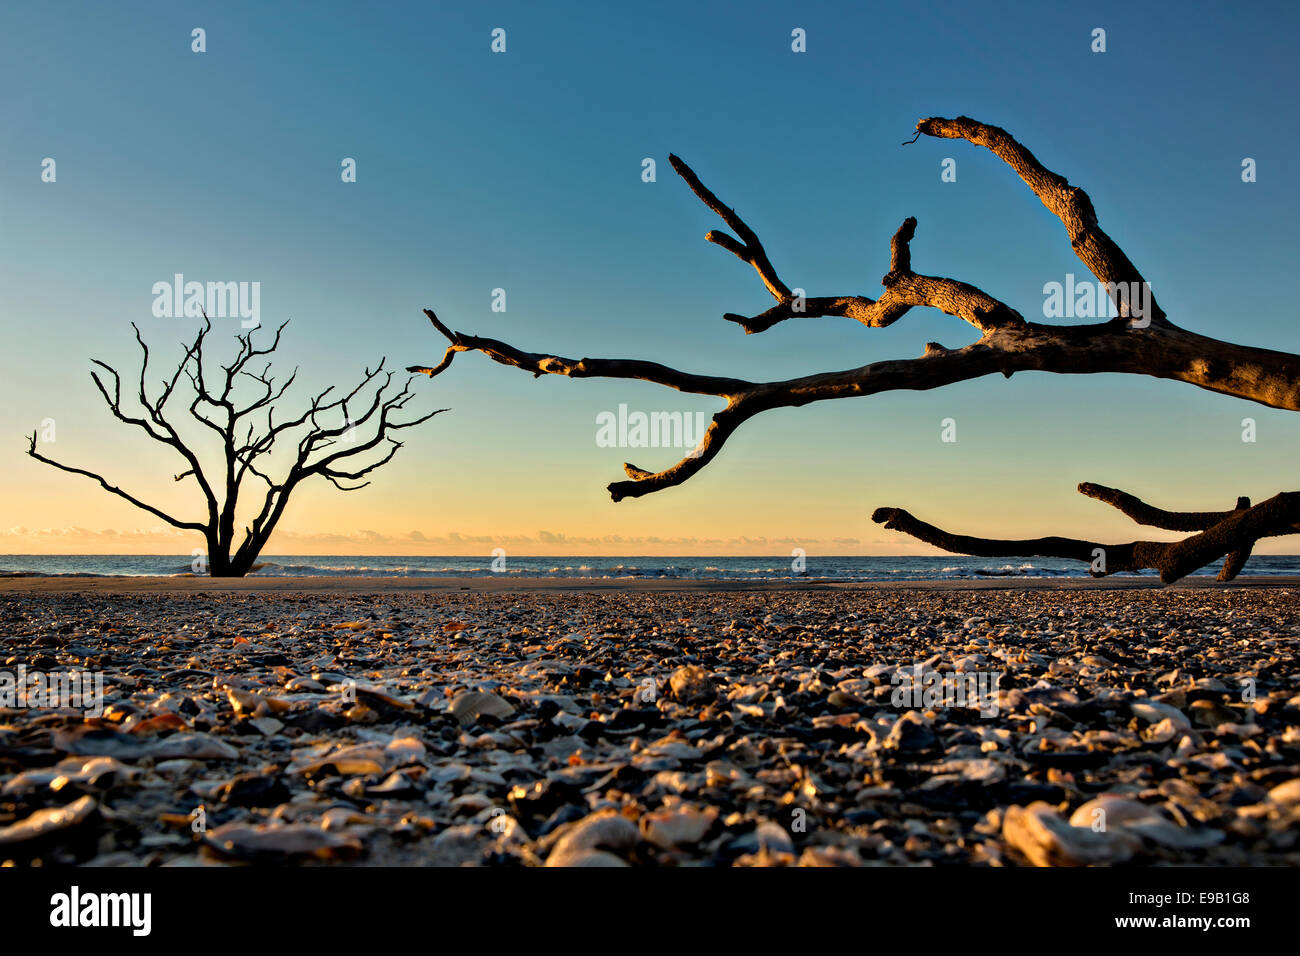 Driftwood alberi contro il sorgere del sole sulla spiaggia di cimitero a Botany Bay Plantation Ottobre 16, 2014 in Edisto Island, nella Carolina del Sud. Ogni anno 144.000 metri cubi di sabbia è lavato via con le onde sulla spiaggia e nearshore erodendo la foresta costiera lungo il fronte spiaggia. Foto Stock